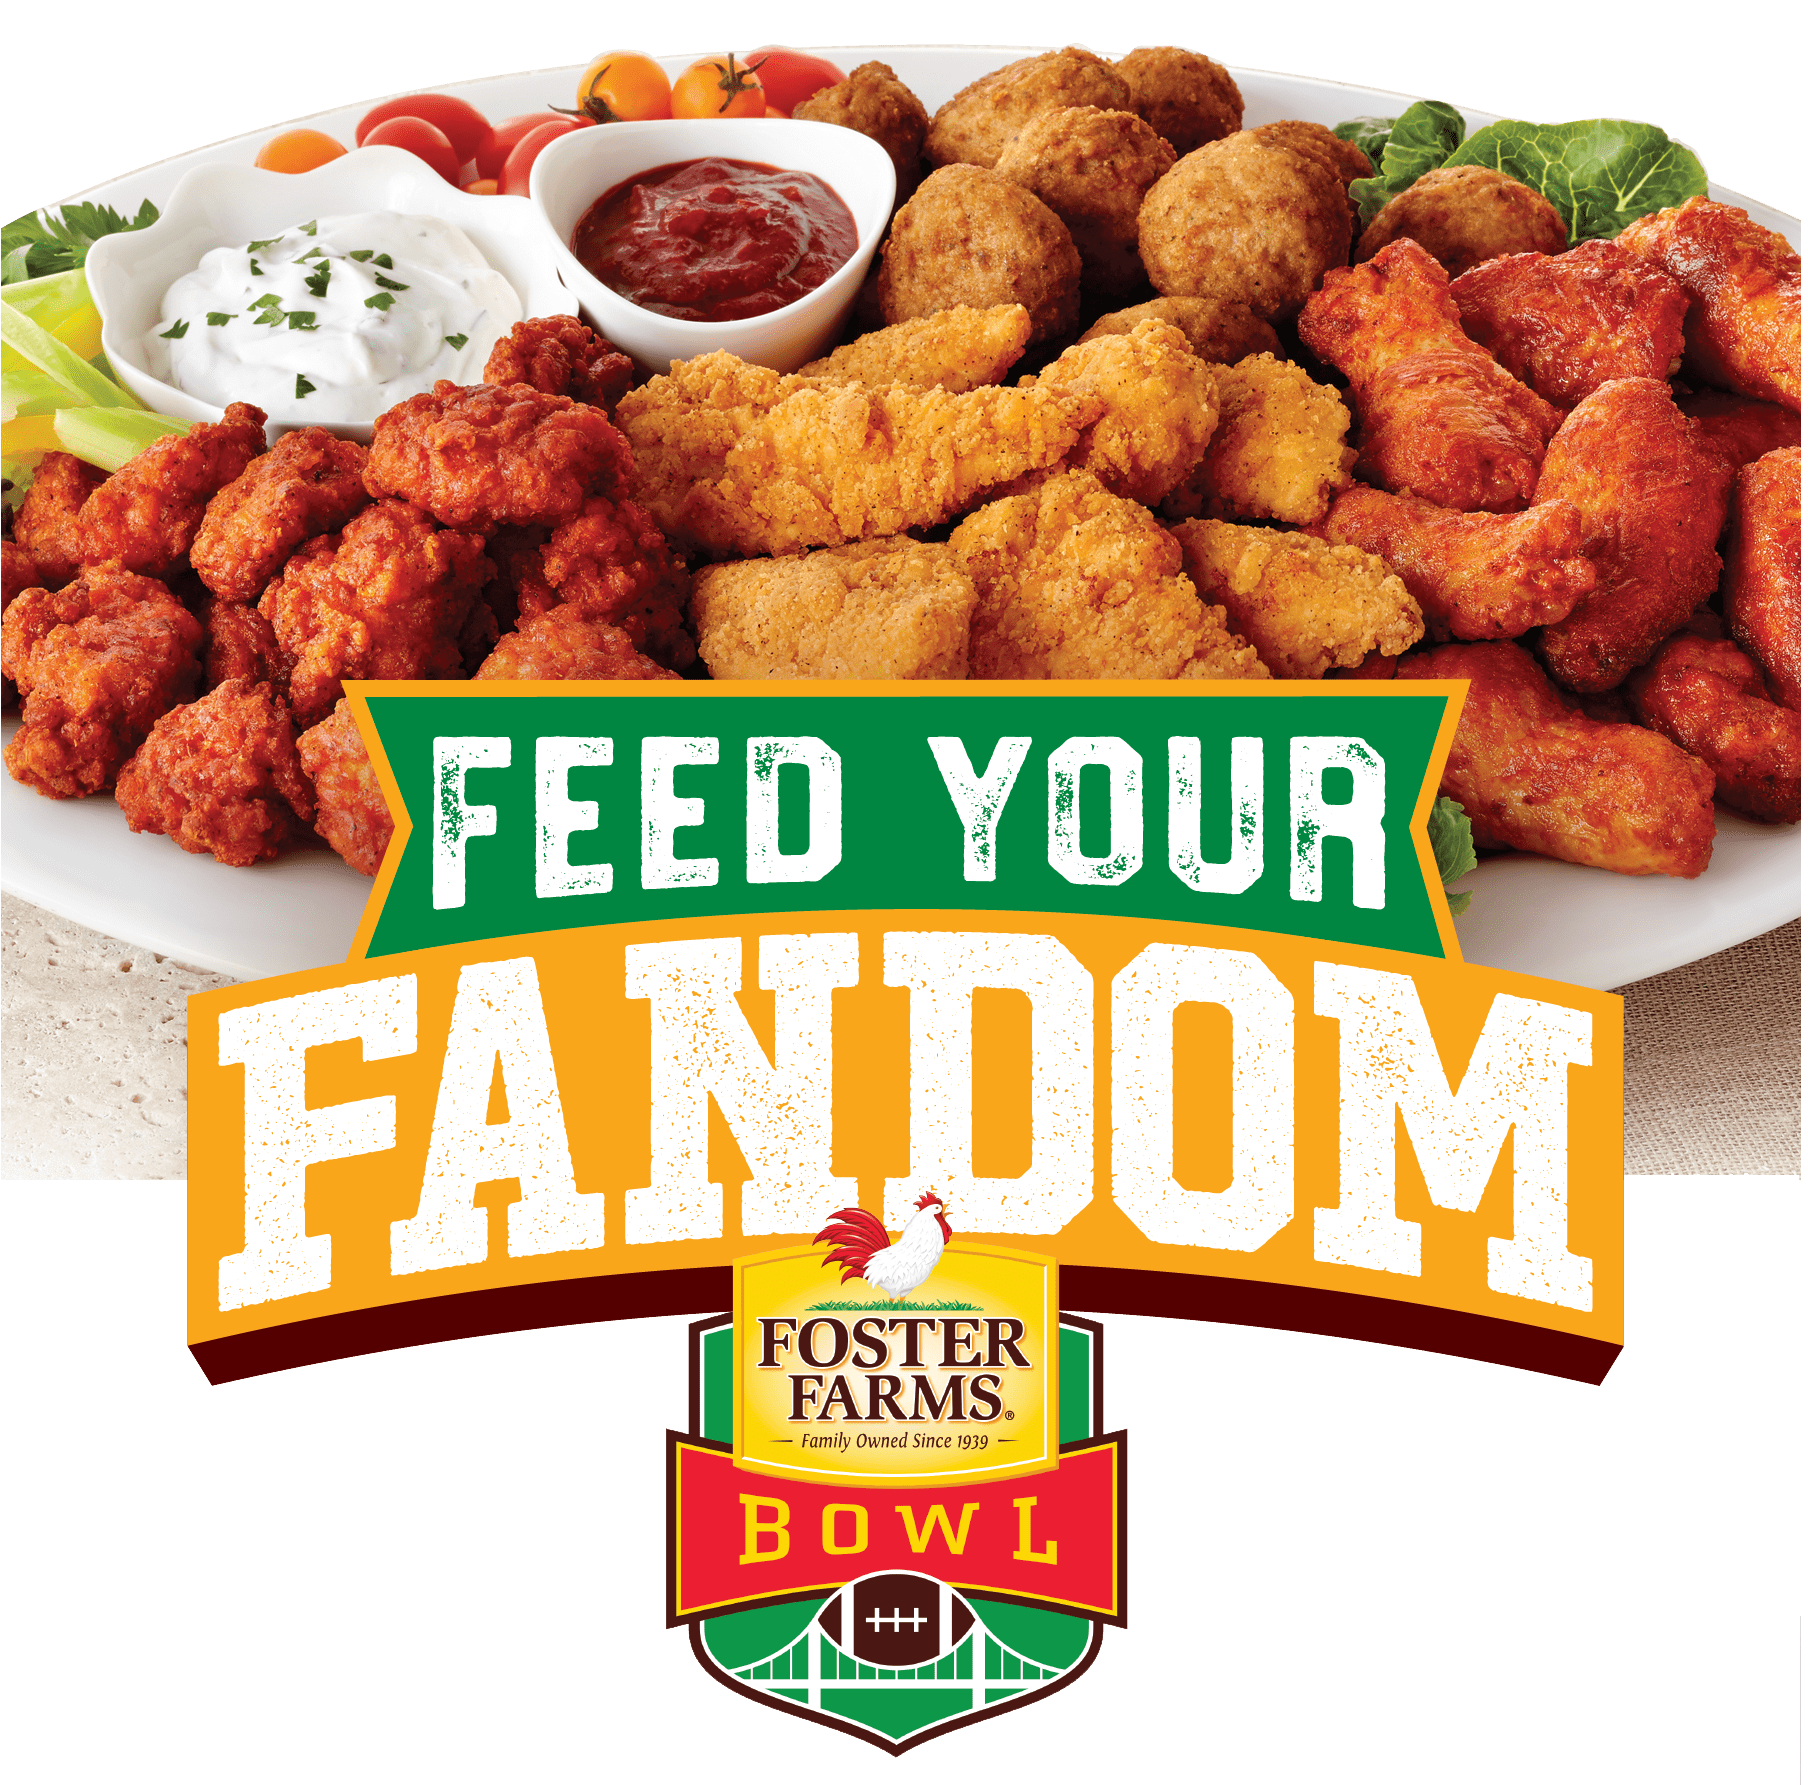 Foster Farms Feed Your Fandom